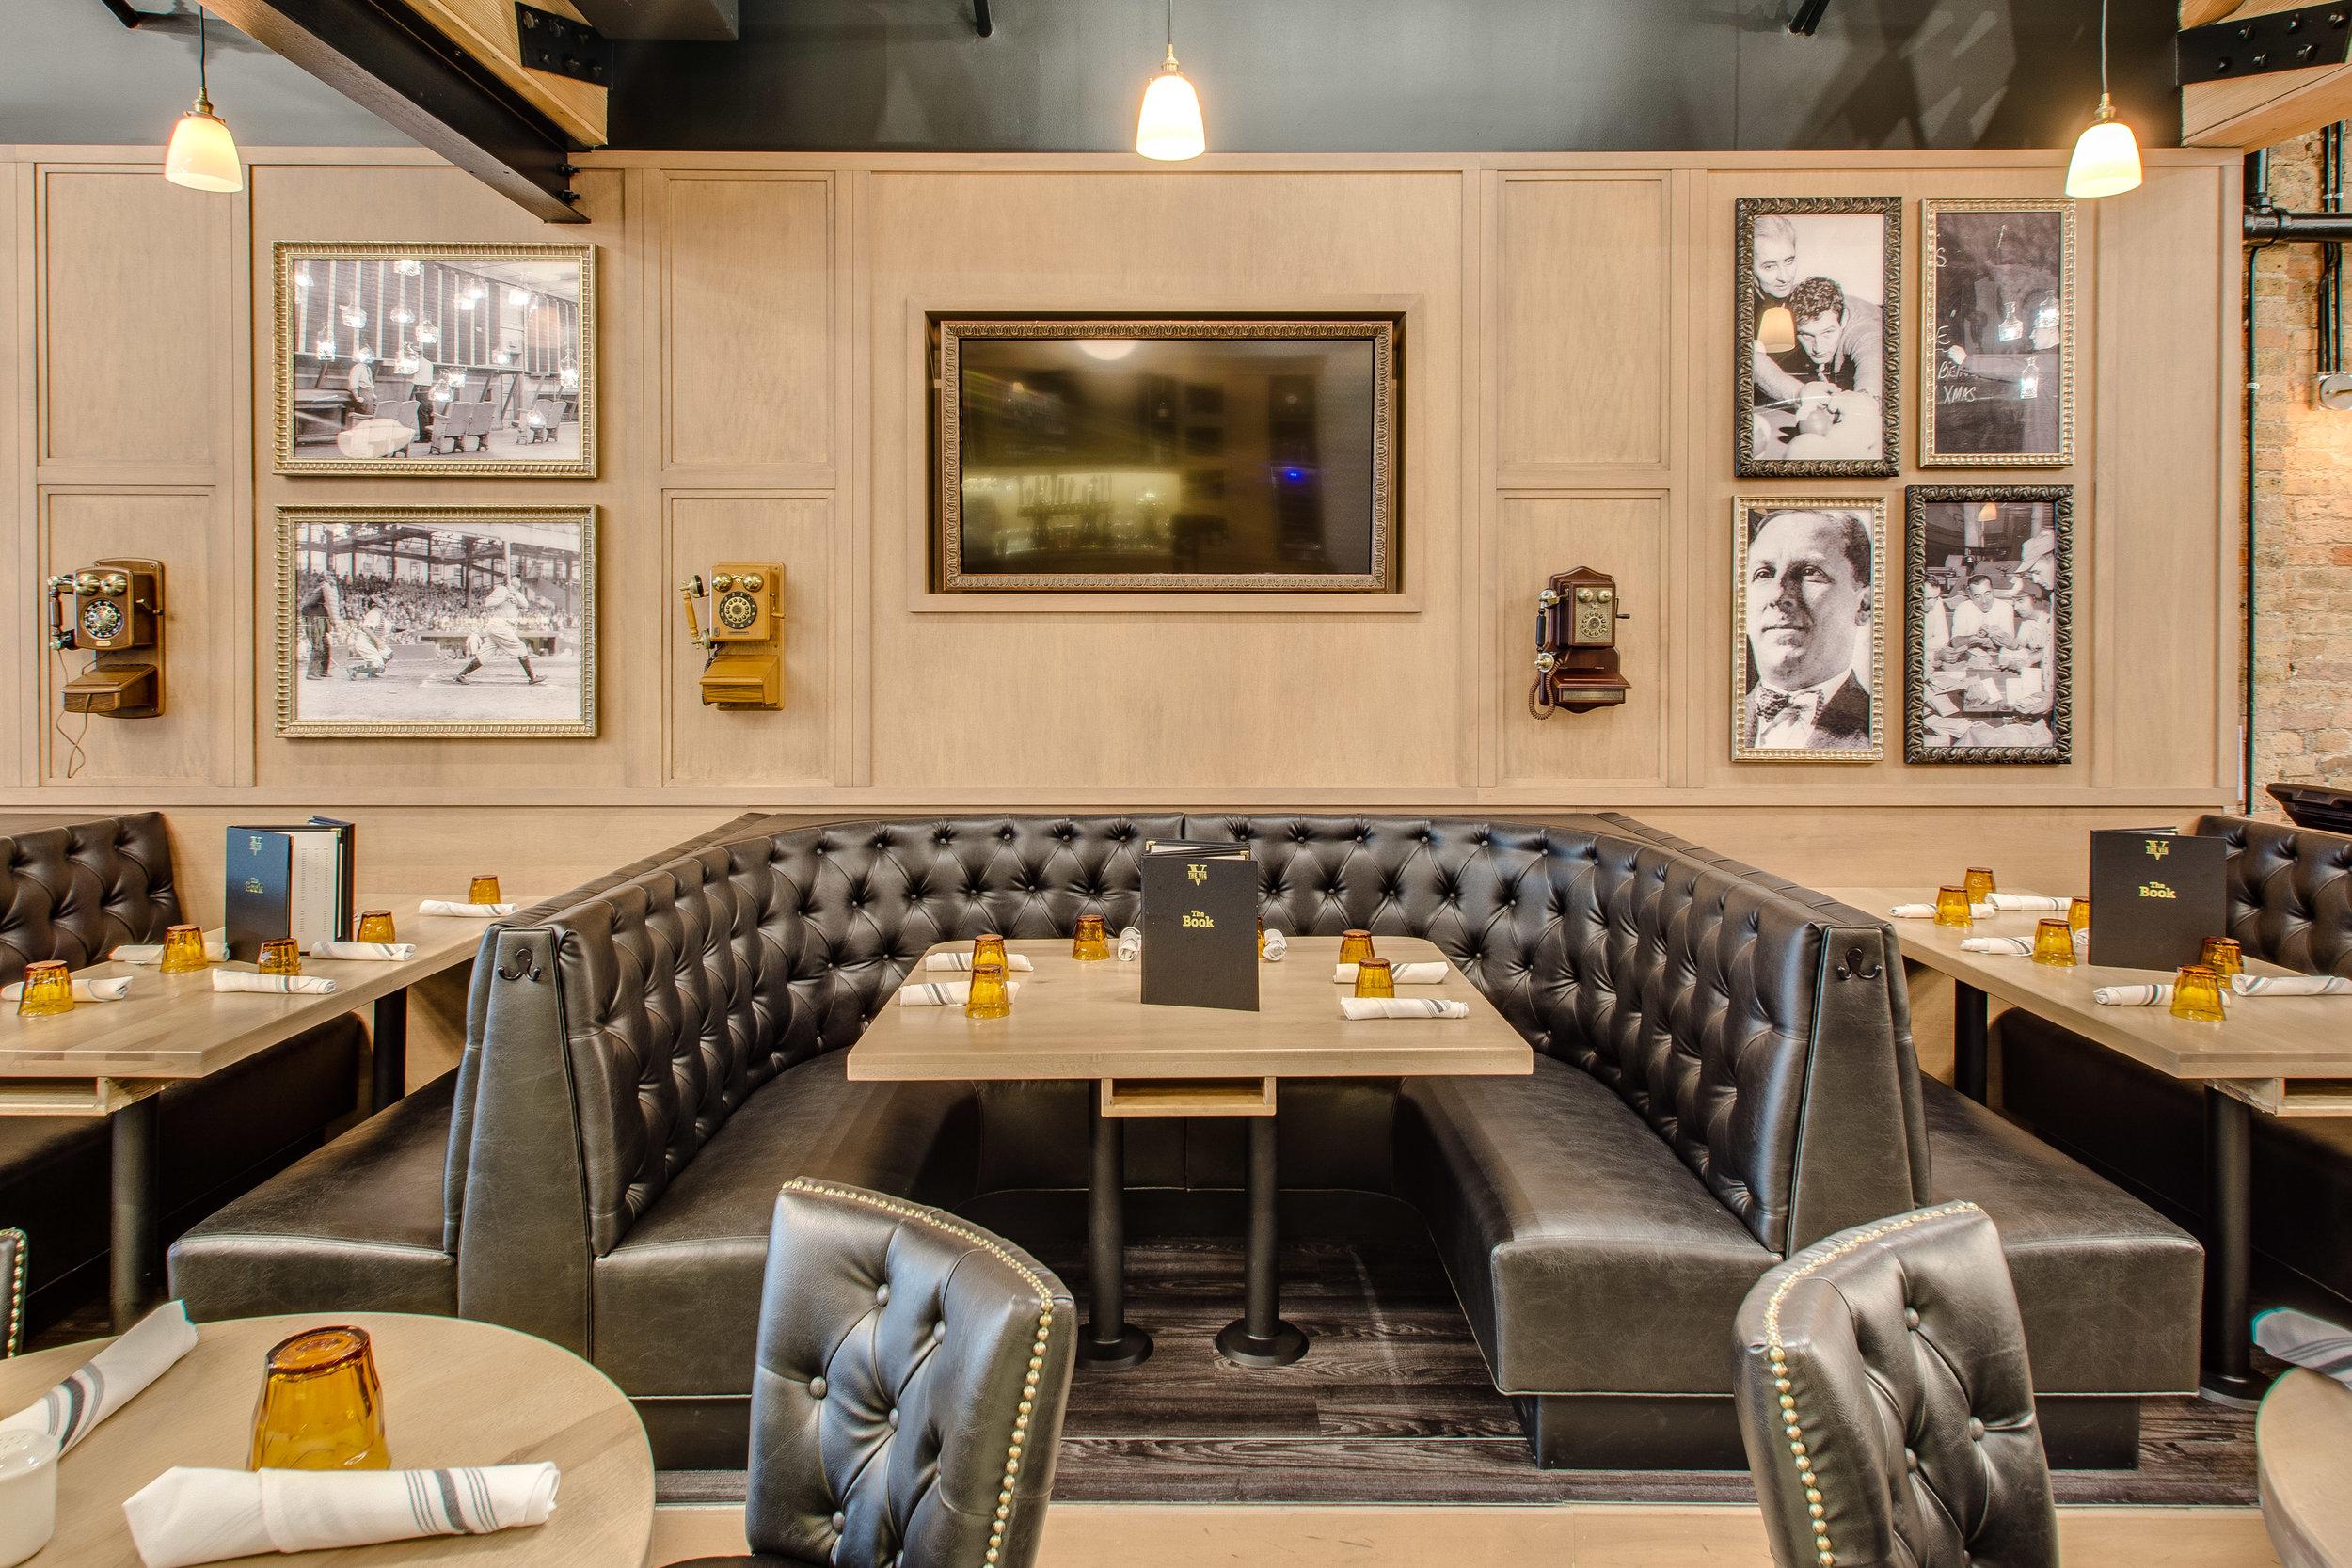 theVig_restaurant_025.jpg